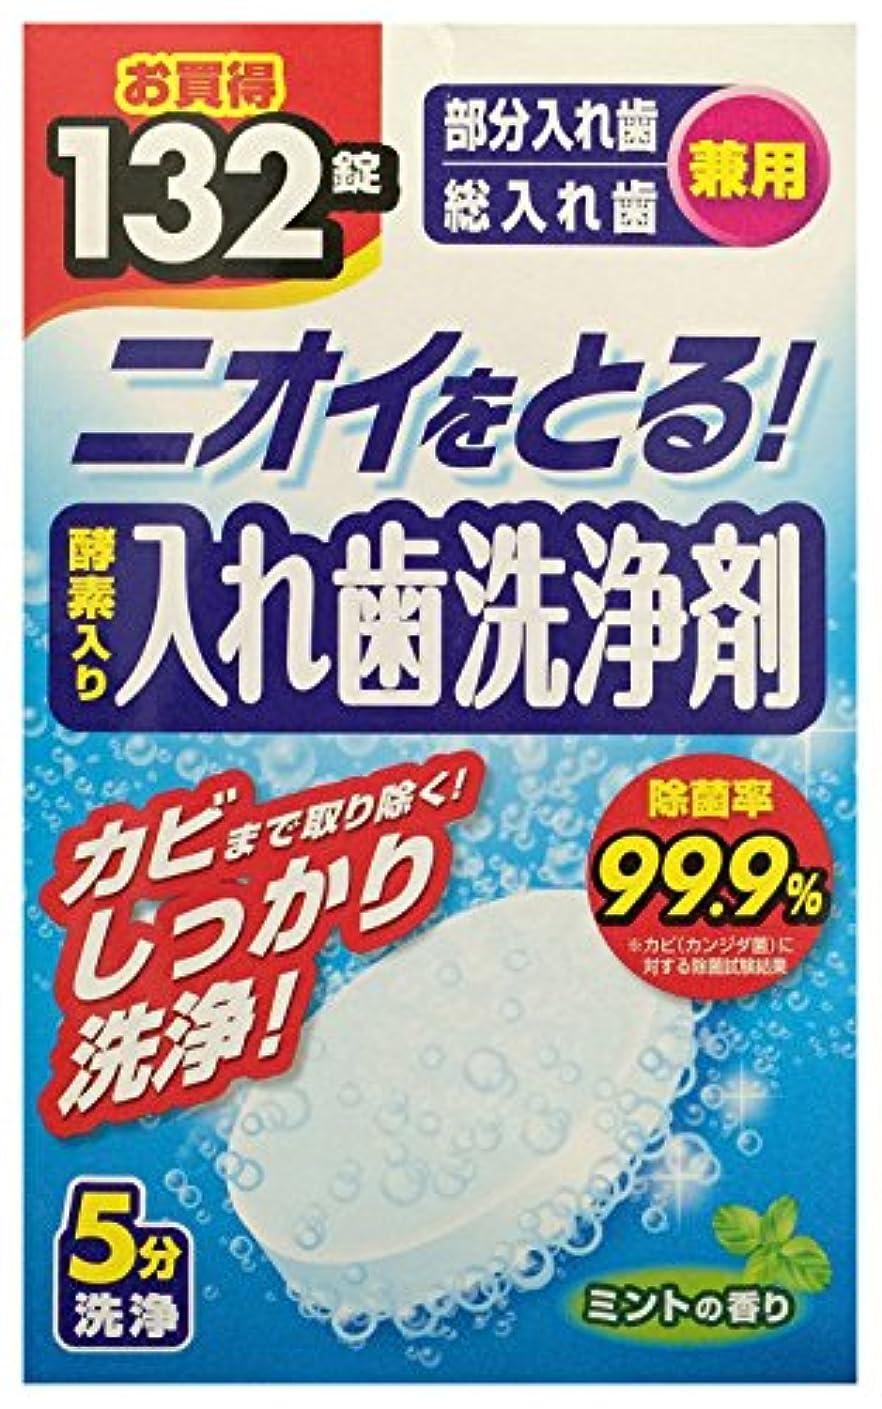 貨物置換奨励します酵素入り入れ歯洗浄剤 部分入れ歯?総入れ歯兼用 132錠